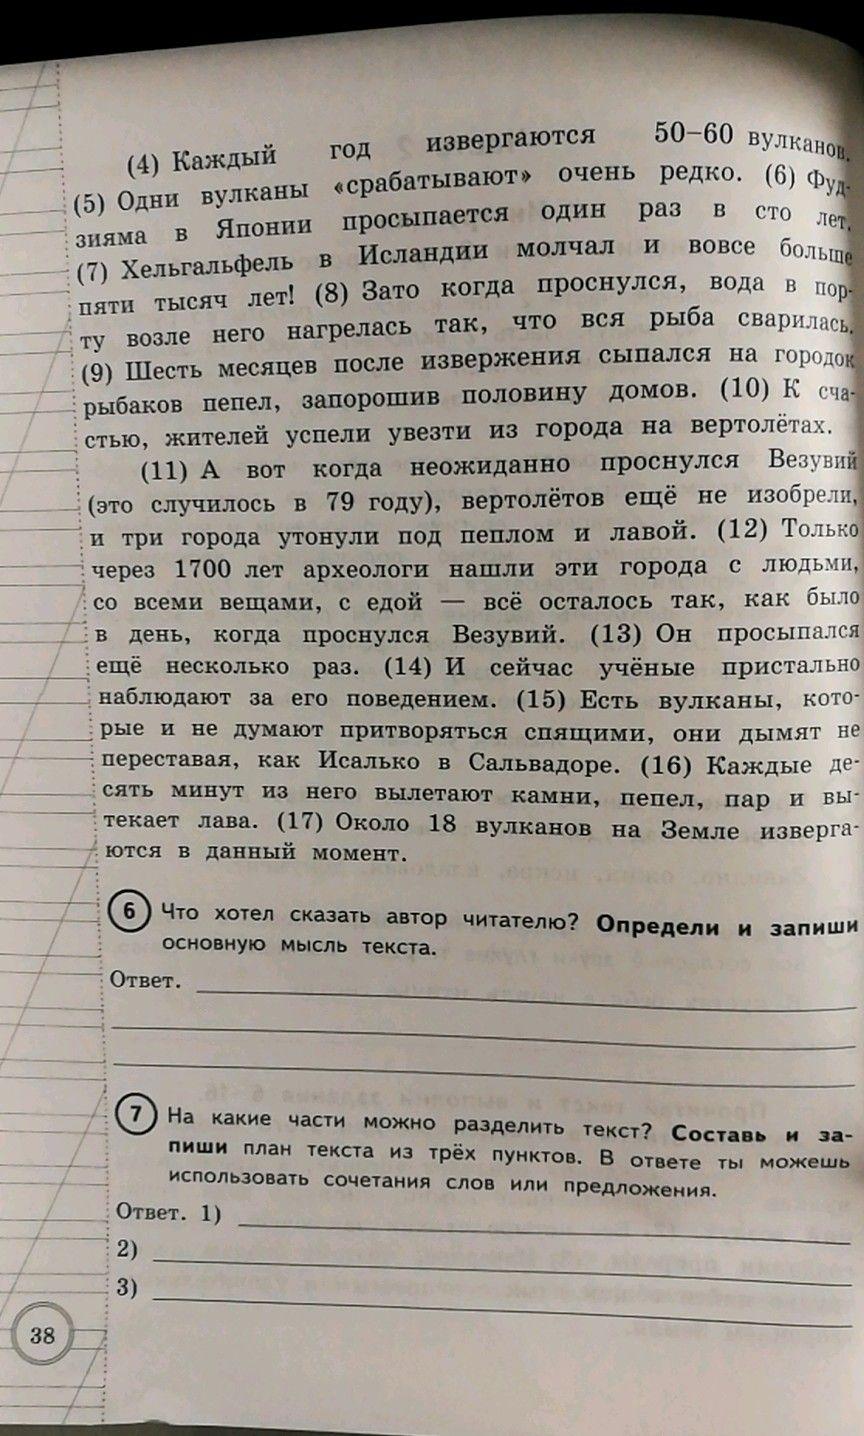 """Урок русского языка в 3-ем классе """"орфограммы корня"""""""